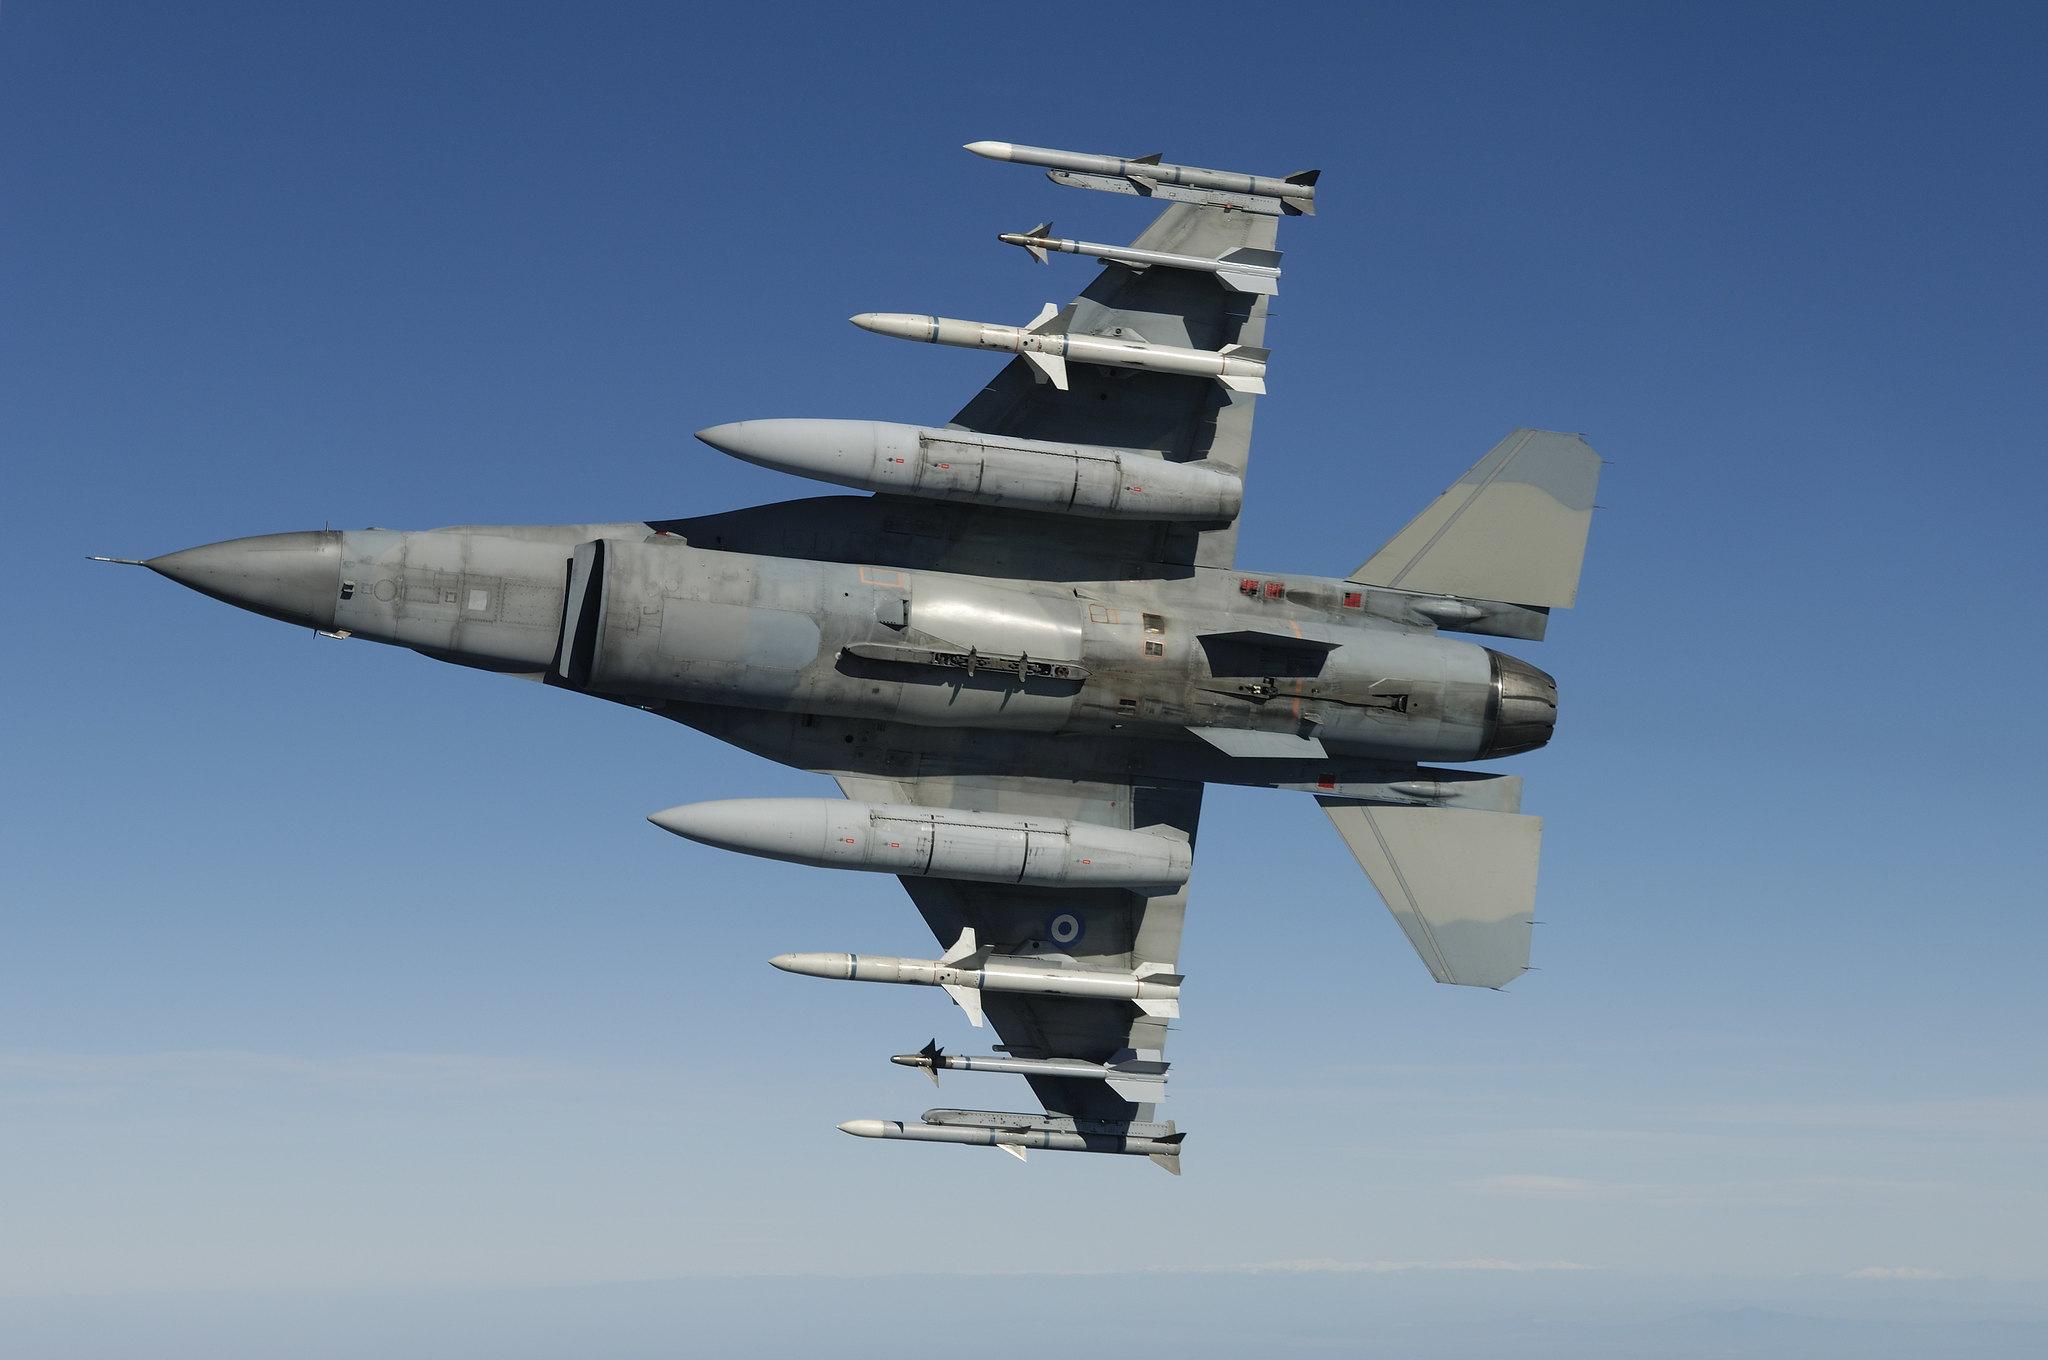 Αναβάθμιση F-16 Block 50: Αύριο συνεδριάζει η Επιτροπή Εξοπλιστικών της Βουλής!